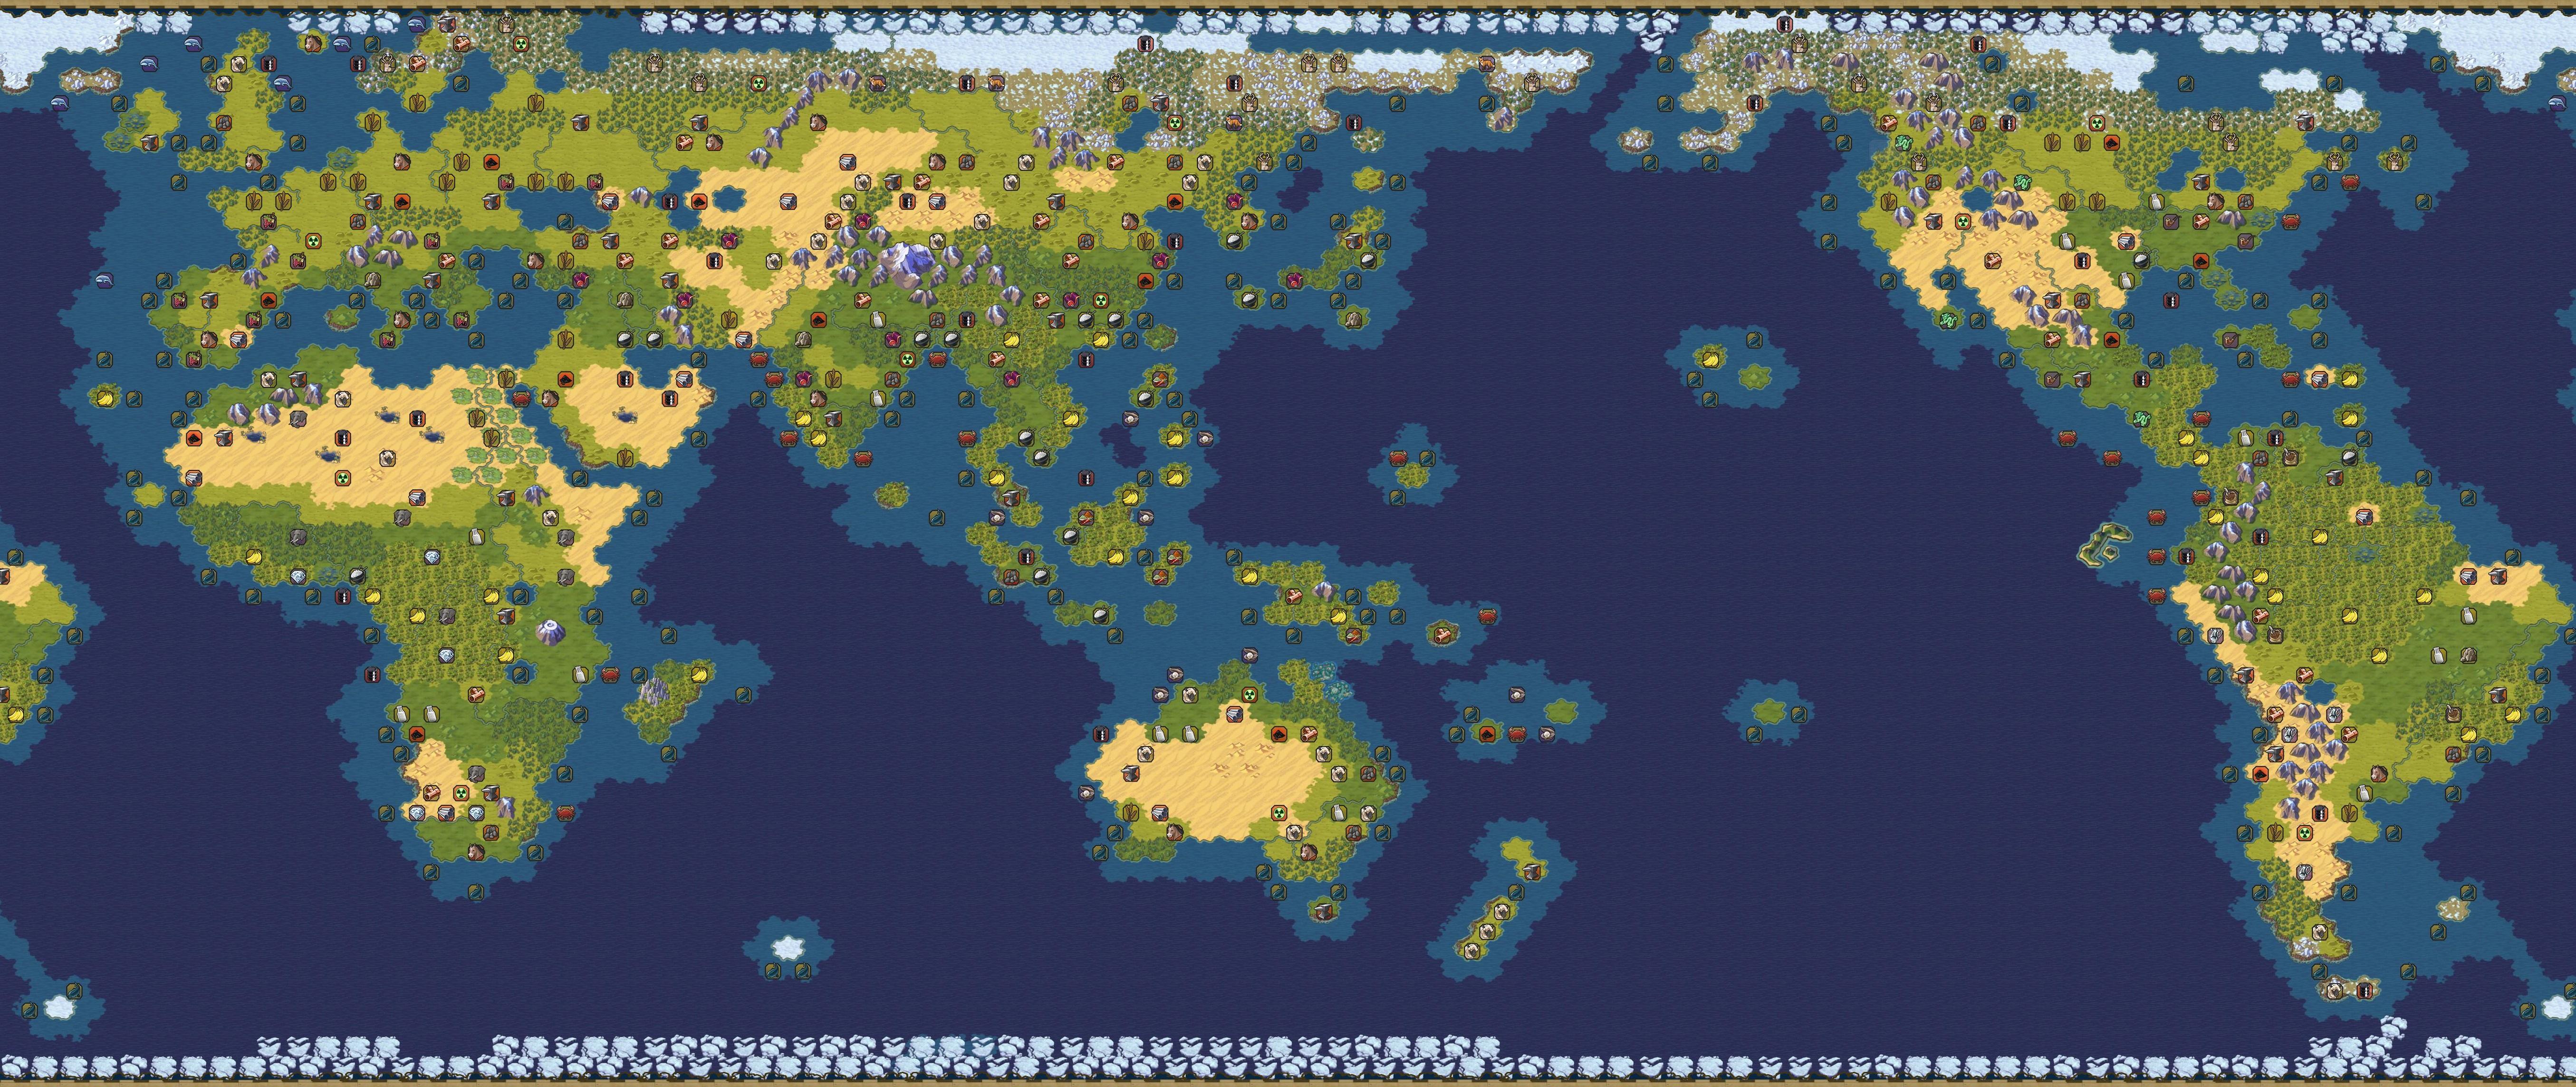 文明6官方真实全资源分布地图一览图片